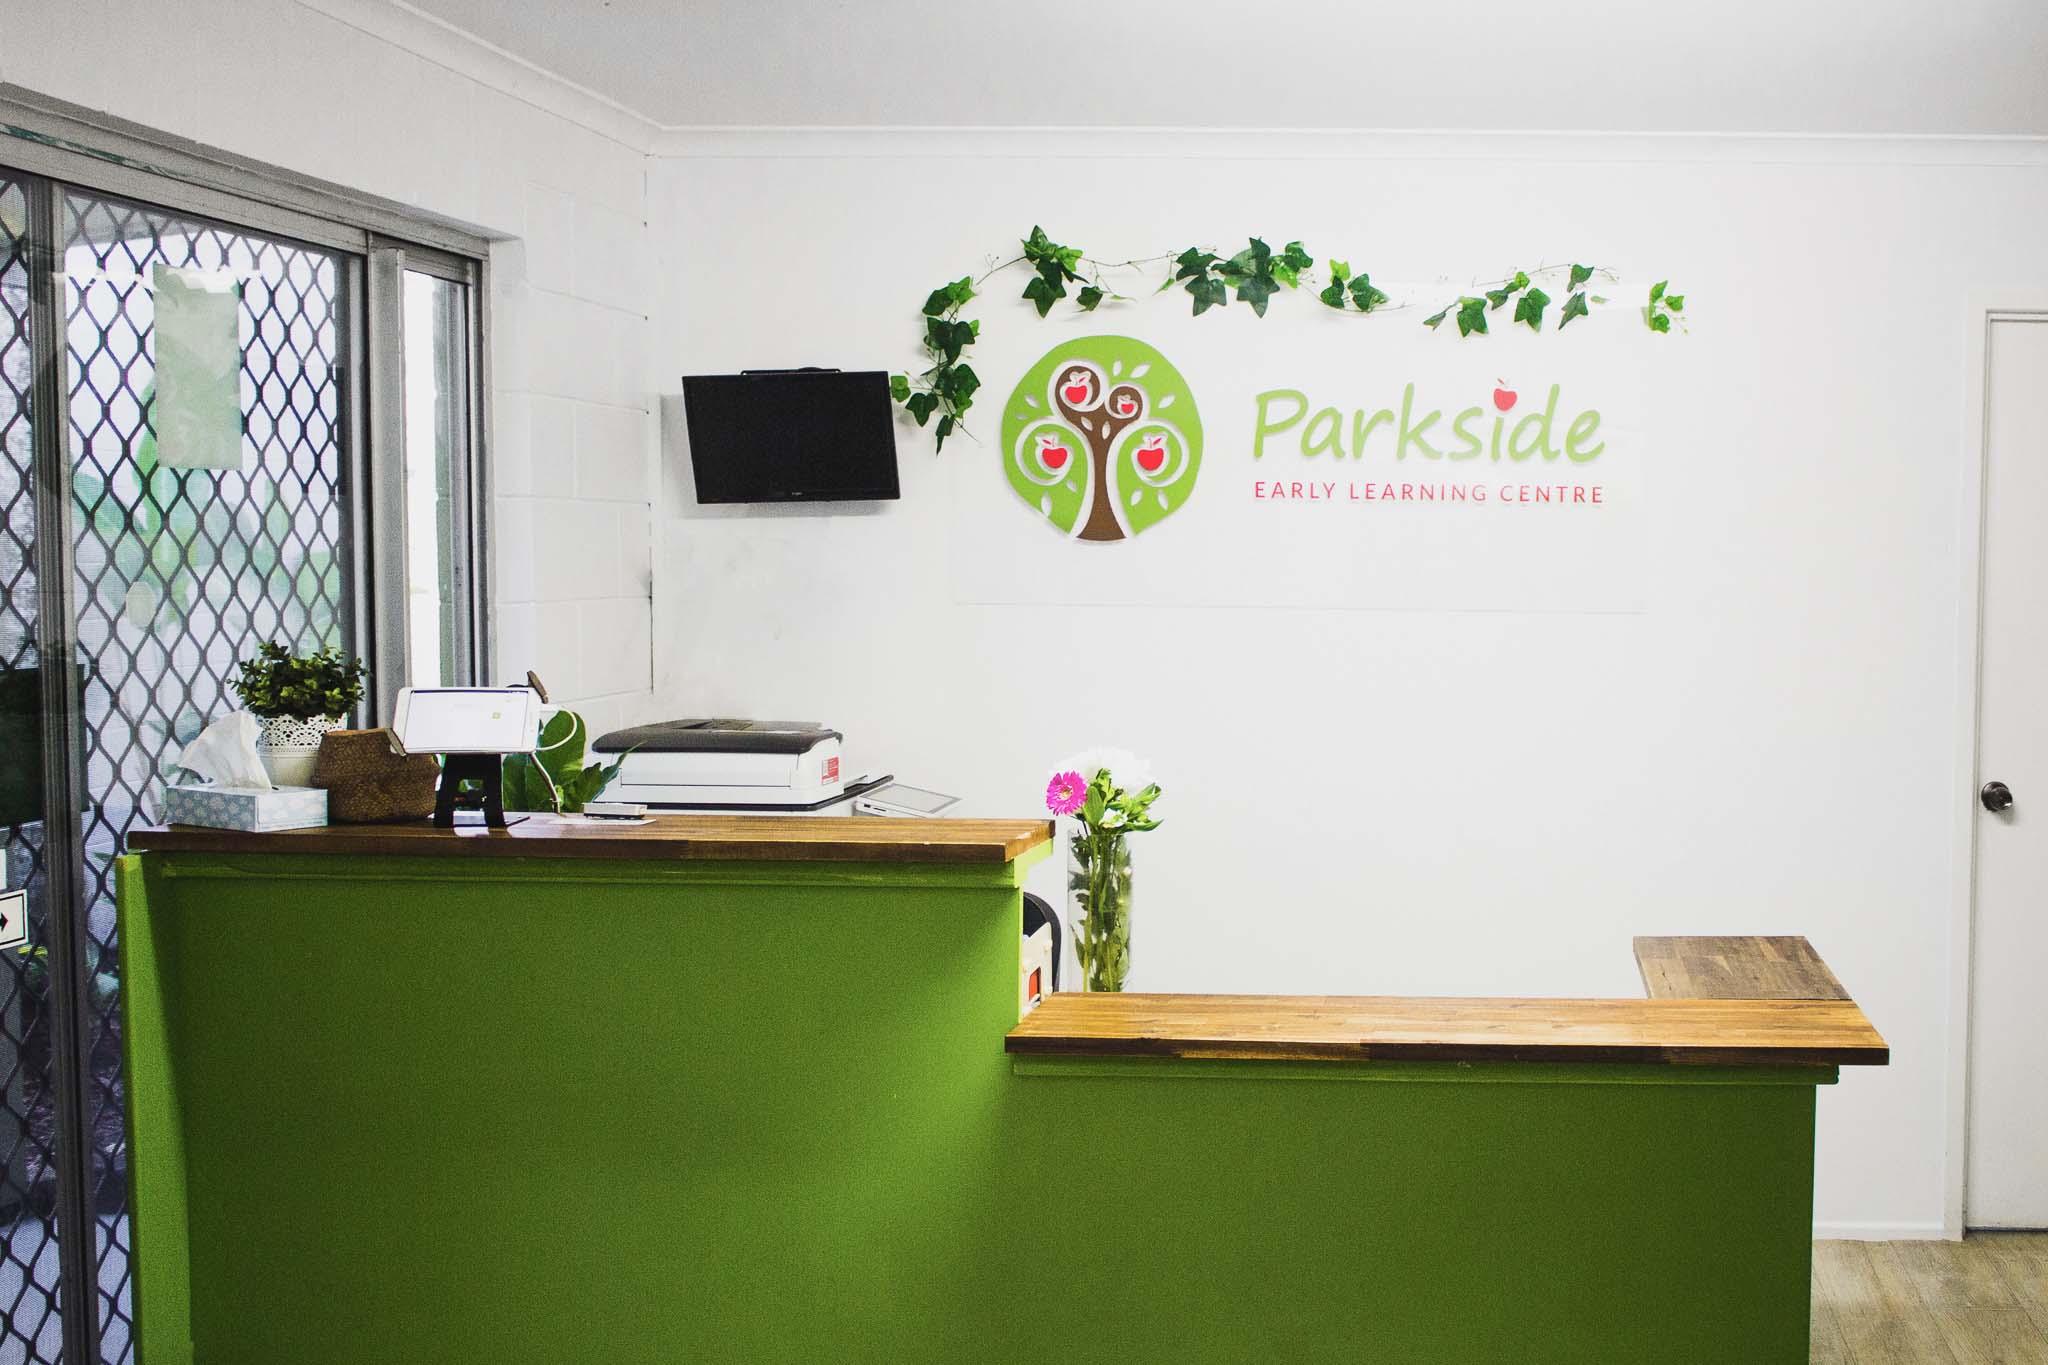 Parkside-13.jpg